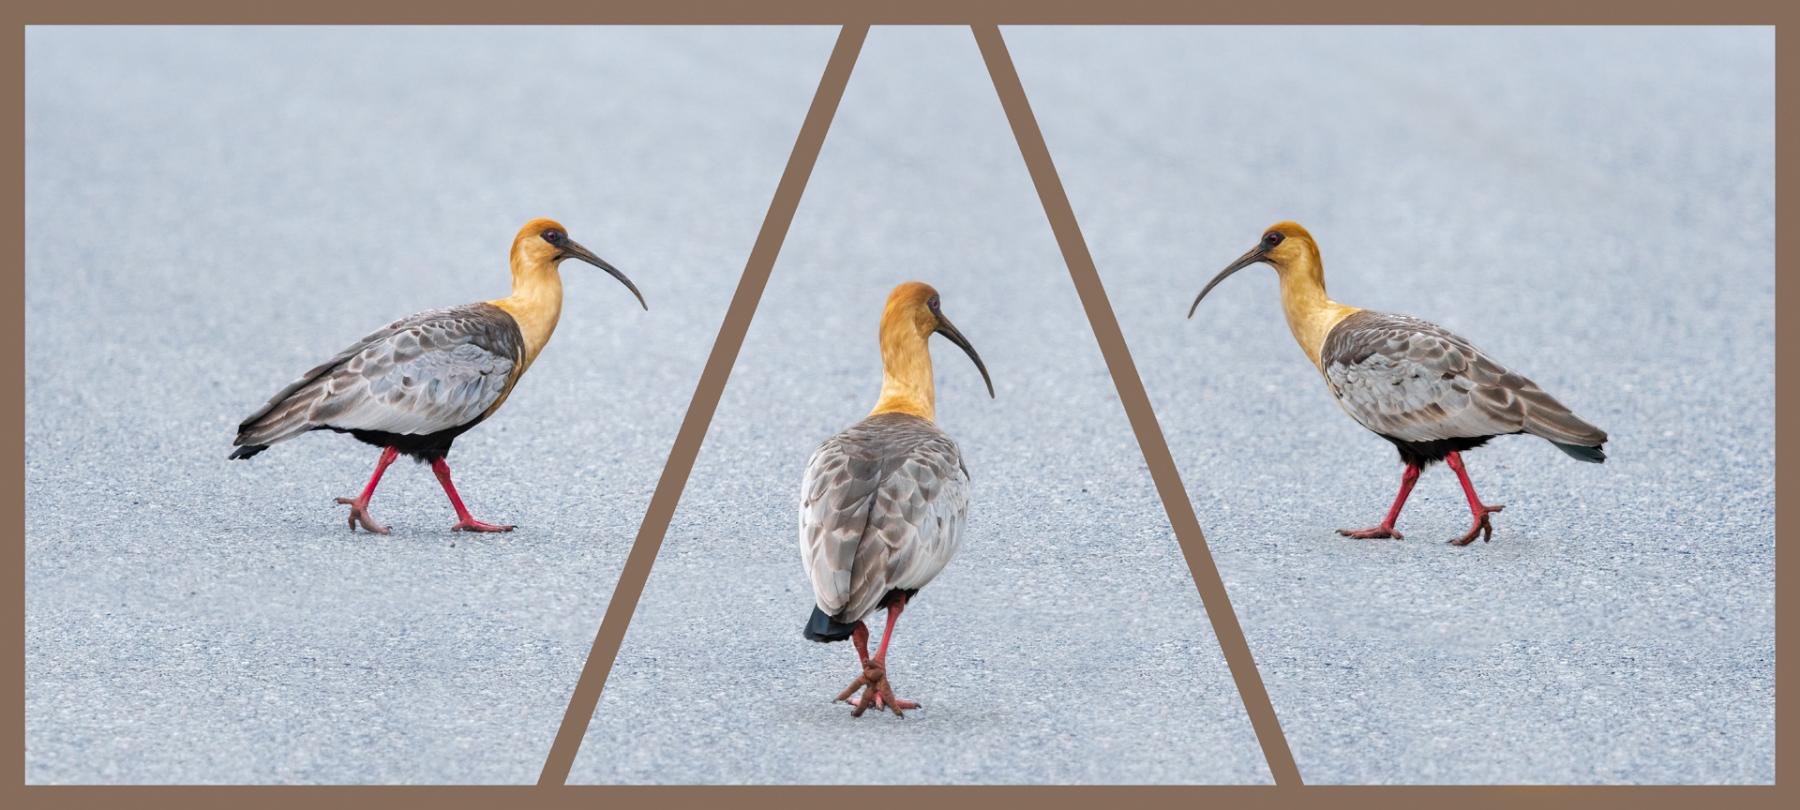 """Taken at birds at Area De Servicio Panamericana Sur 40°43'59.6""""S 73°09'00.8""""W, Area De Servicio, Río Negro, Región de los Lagos, Chile, Tuesday, 13/11/2018. Photo by: Richard Ryder"""